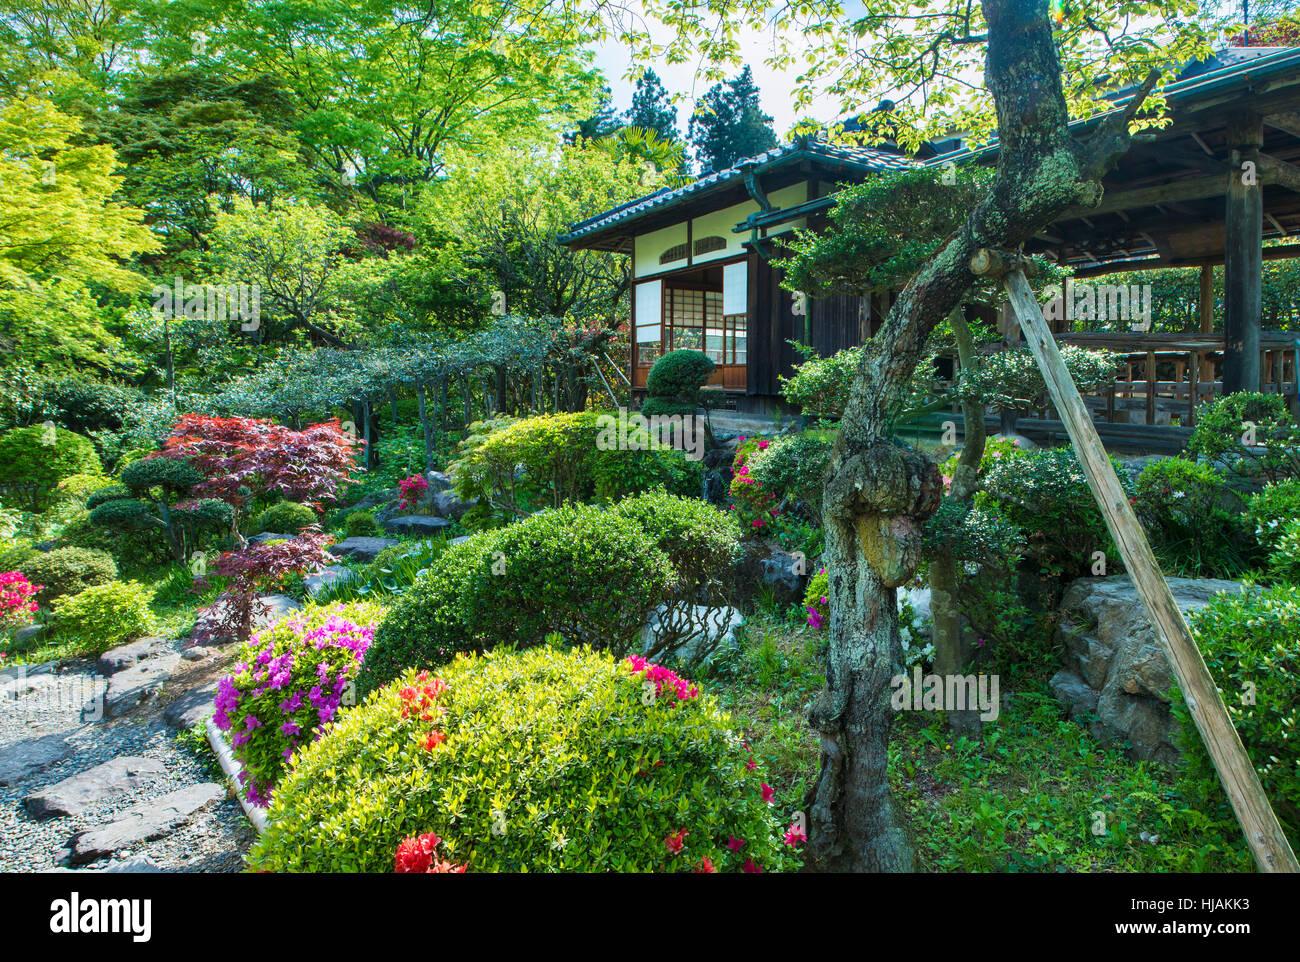 Eine traditionelle japanische Teegarten und Haus, einerchashitsu, in der Nähe von Tokio in Japan Stockbild